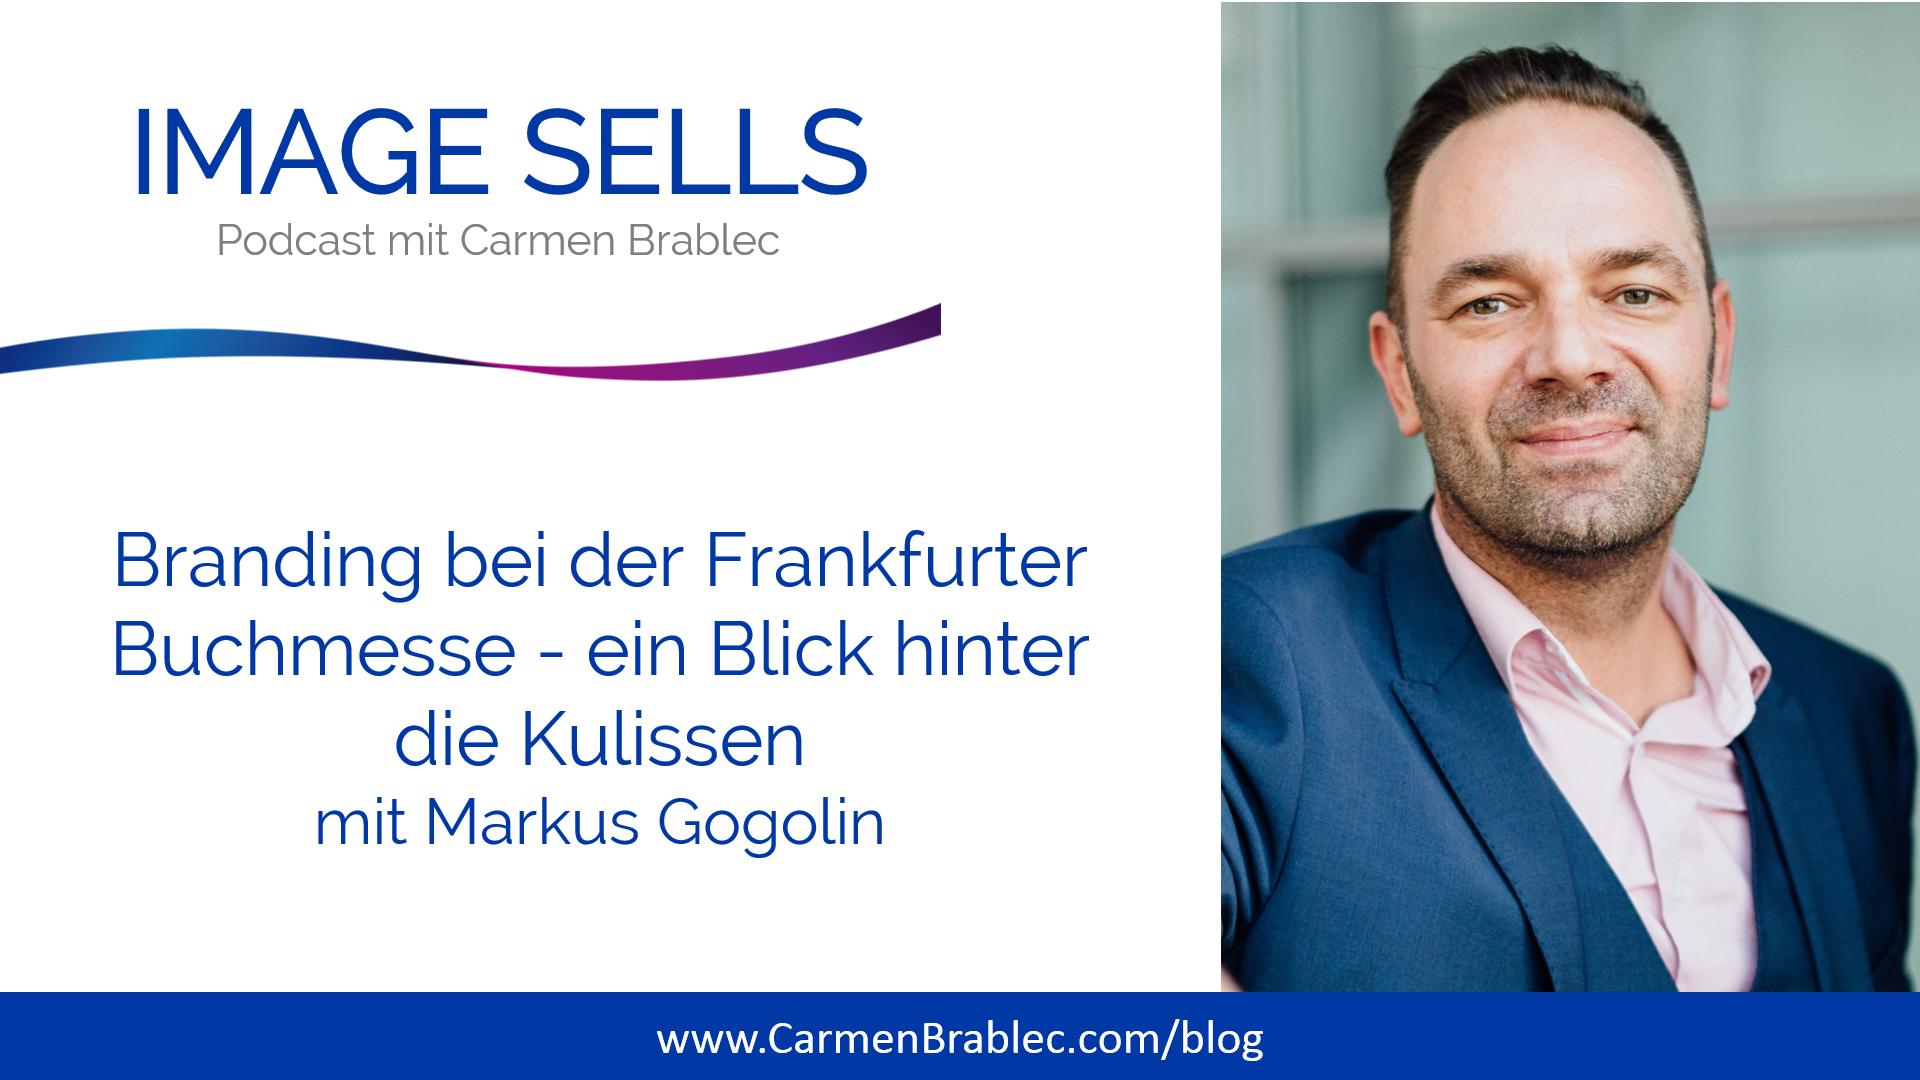 Branding bei der Frankfurter Buchmesse mit Markus Gogolin – ISP #053